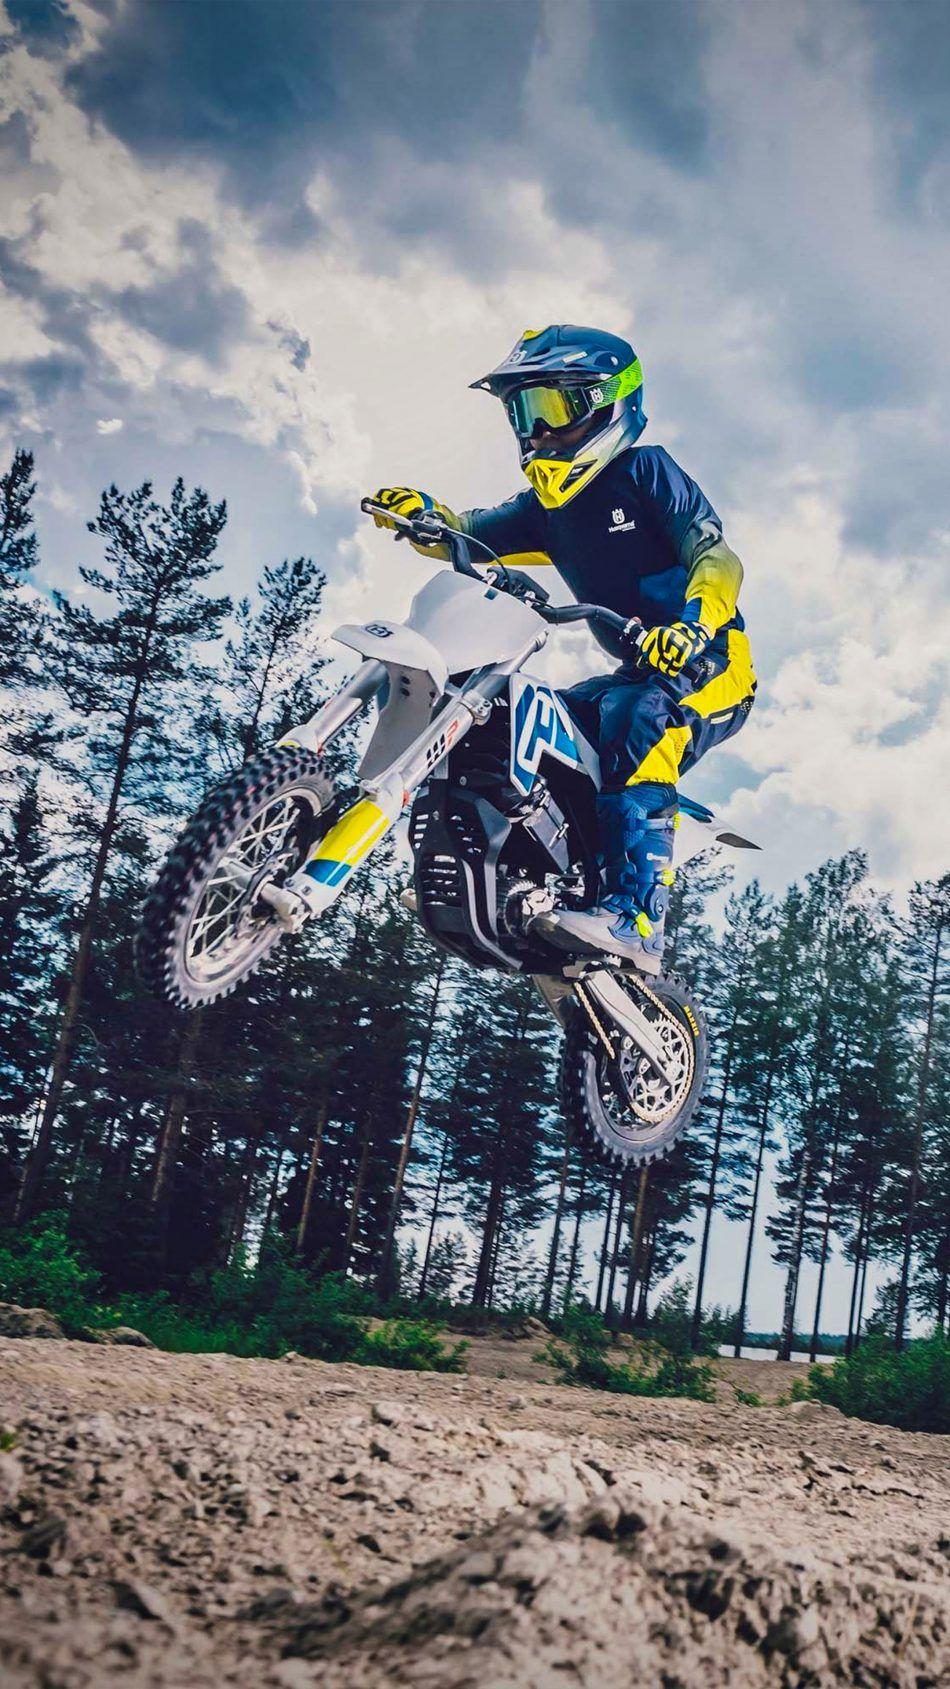 Husqvarna Ee 5 Electric Dirt Bike 4k Ultra Hd Mobile Wallpaper Electric Dirt Bike Moto Wallpapers Dirt Bike